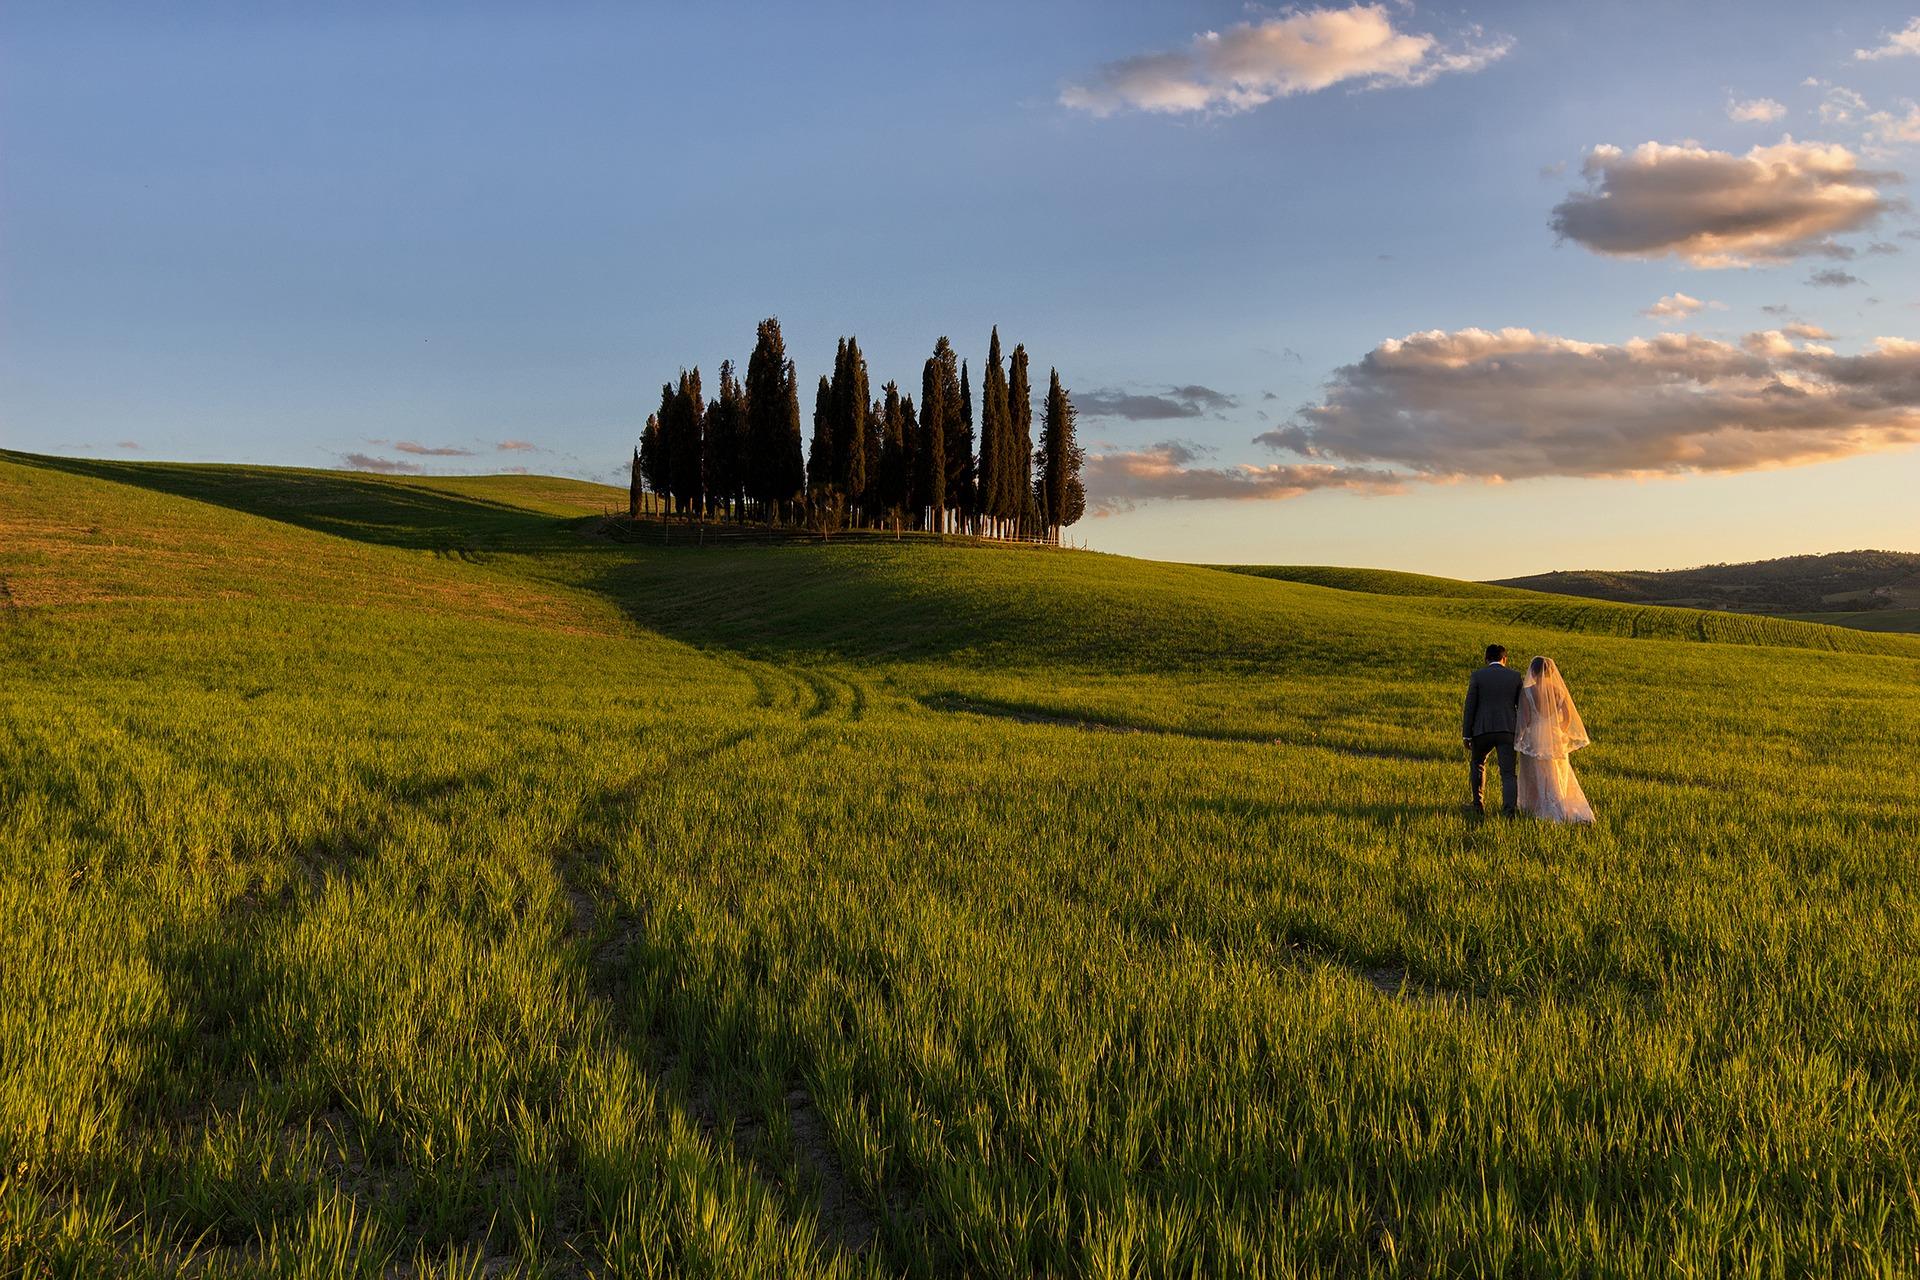 Matrimonio Tra Gli Ulivi Toscana : Matrimonio in toscana posti perfetti per dire u clo voglio